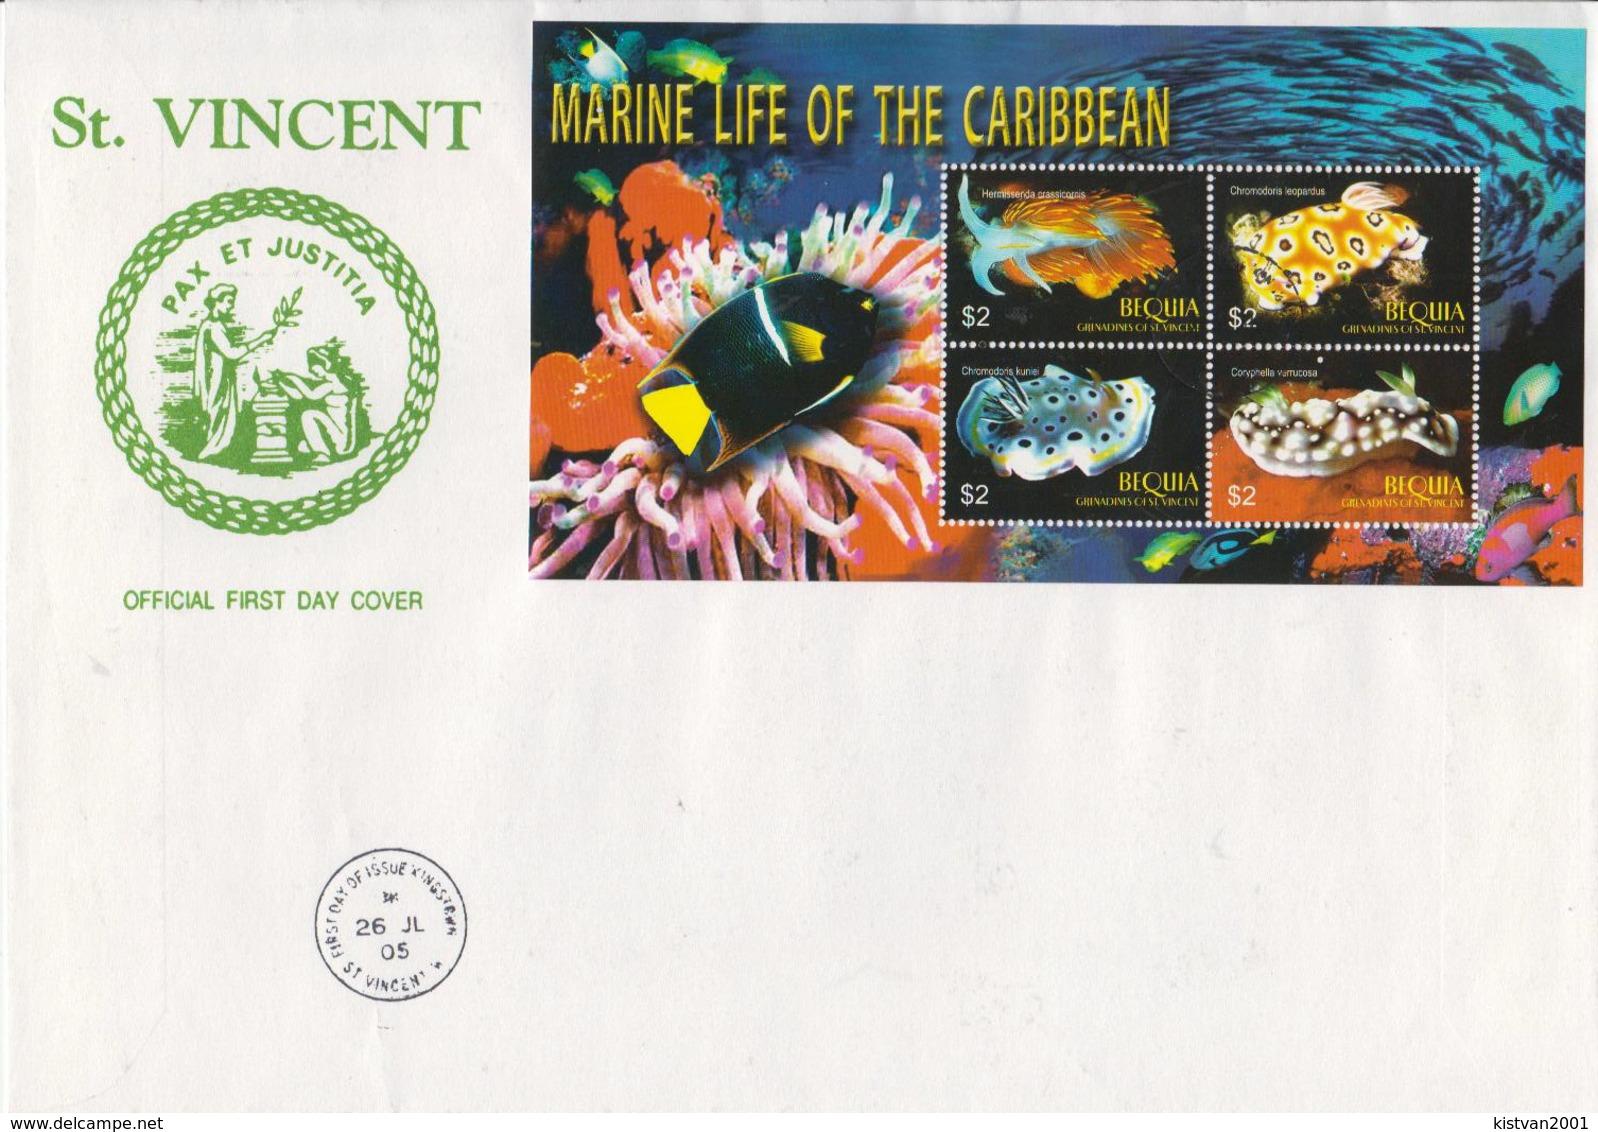 Bequya Marine Life Sheetlet On FDC - Marine Life